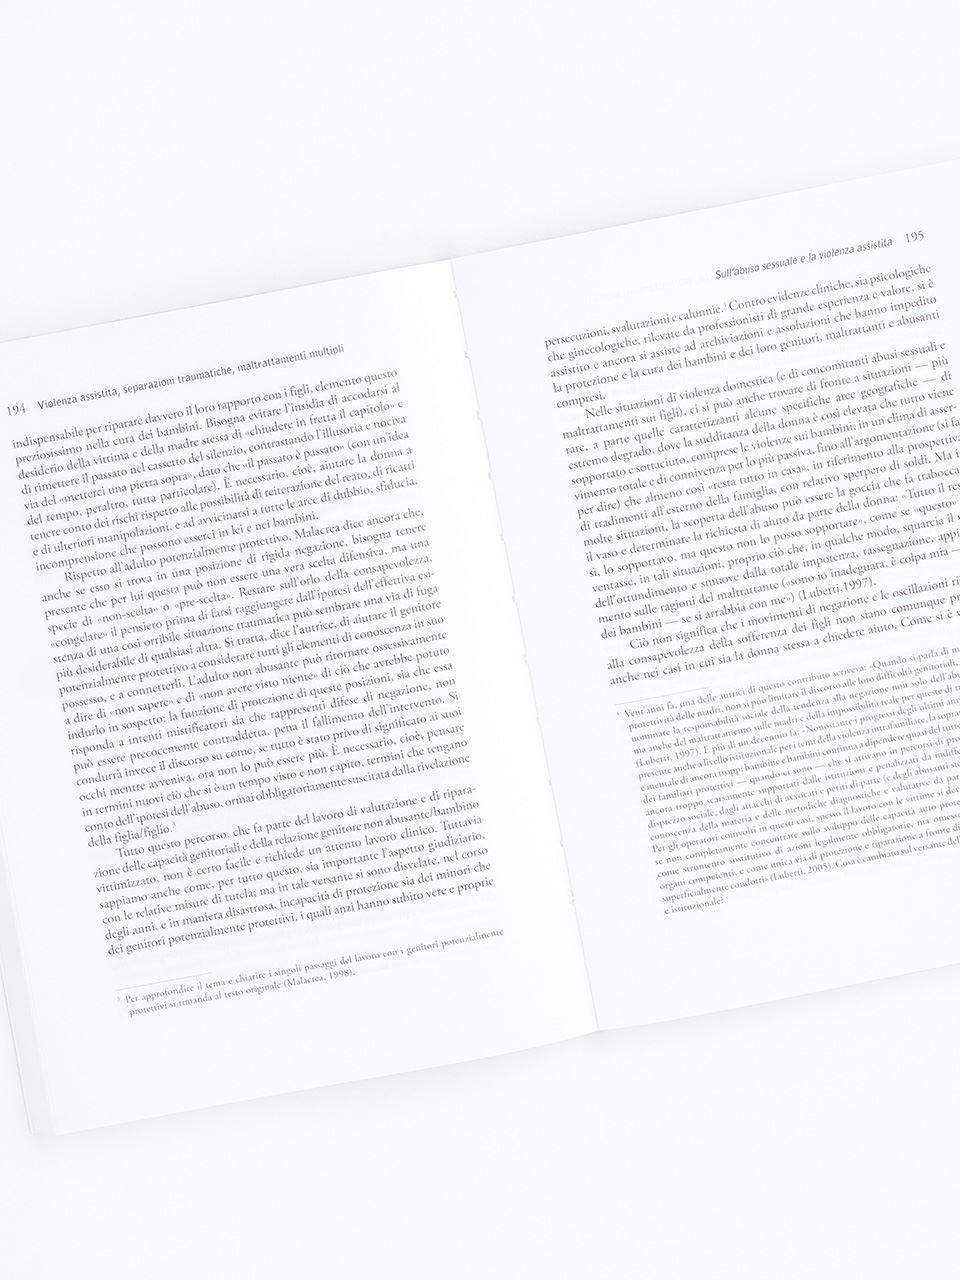 Violenza assistita, separazioni traumatiche, maltr - Libri - Erickson 2